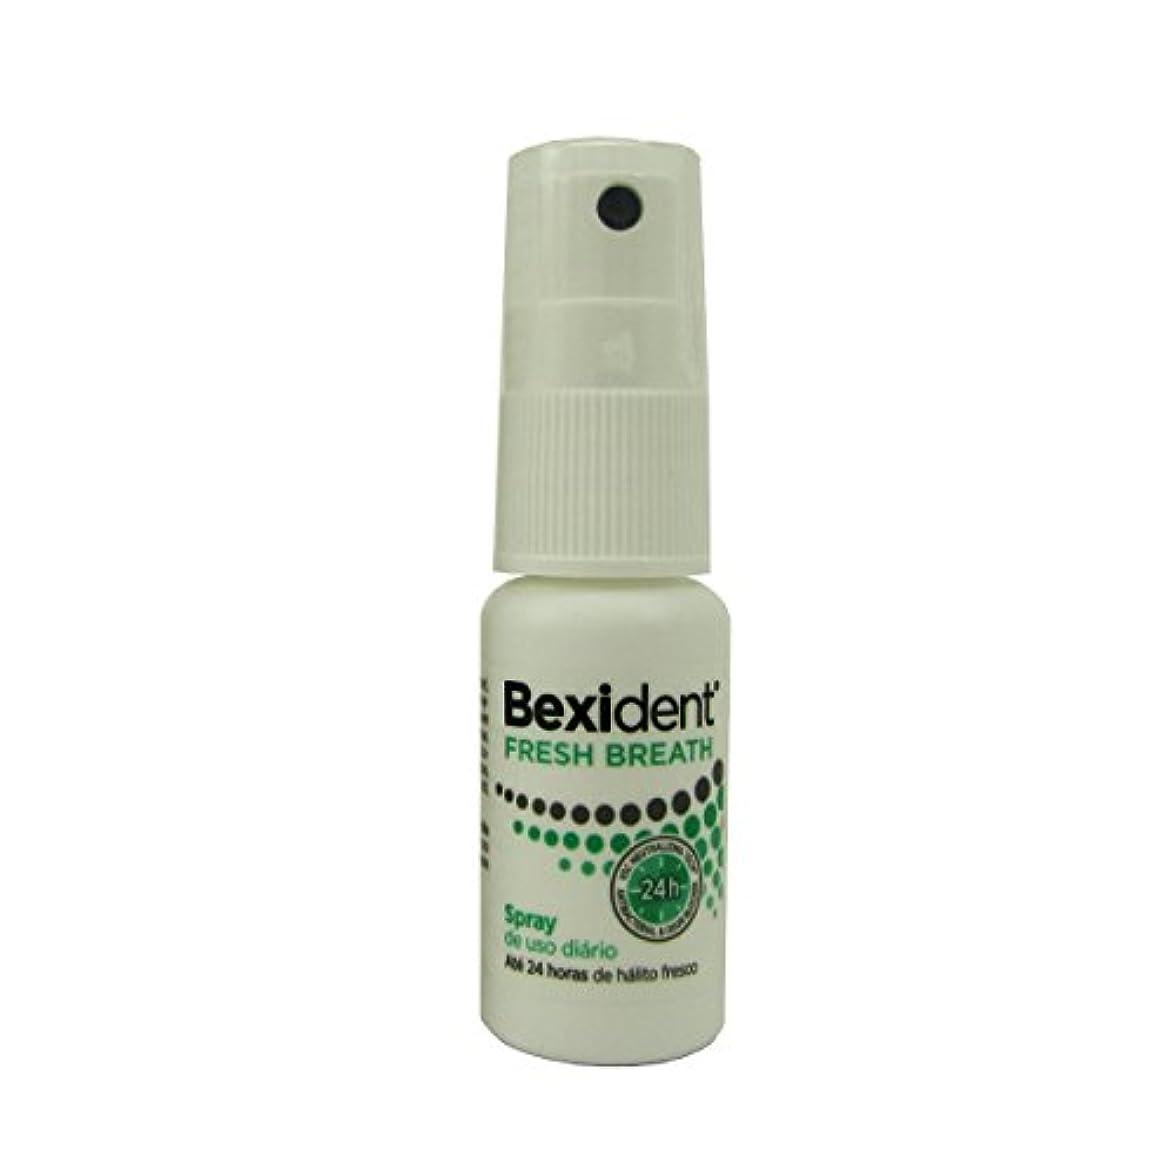 溢れんばかりの下位来てBexident Fresh Breath Spray 15ml [並行輸入品]